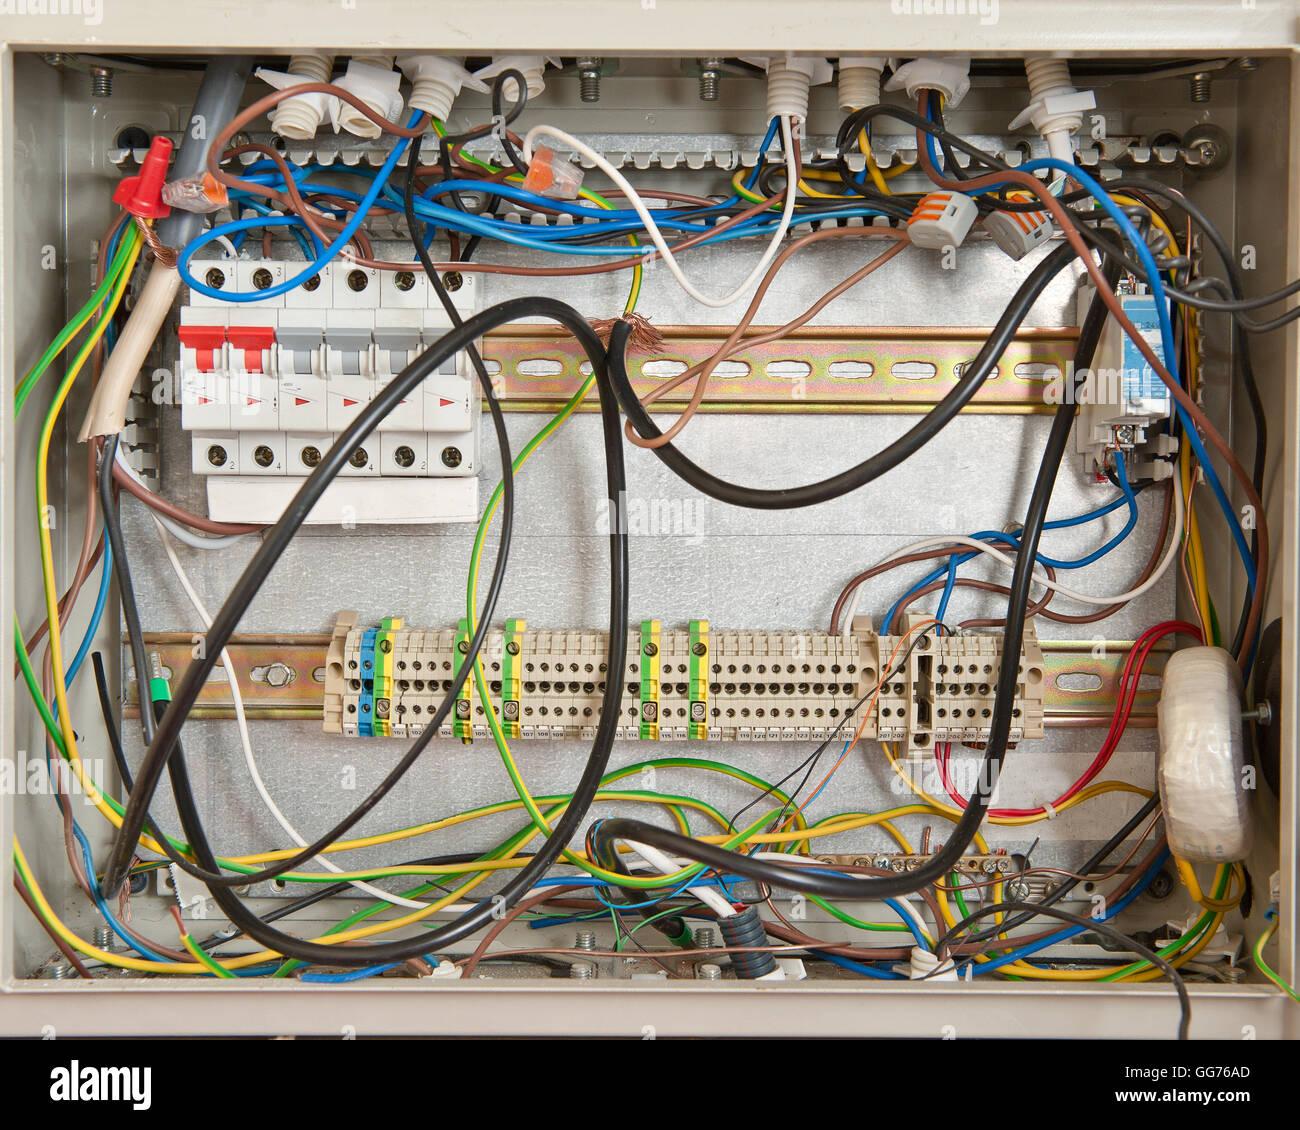 Elektrische Anschlüsse in einem Sicherungskasten Stockfoto, Bild ...